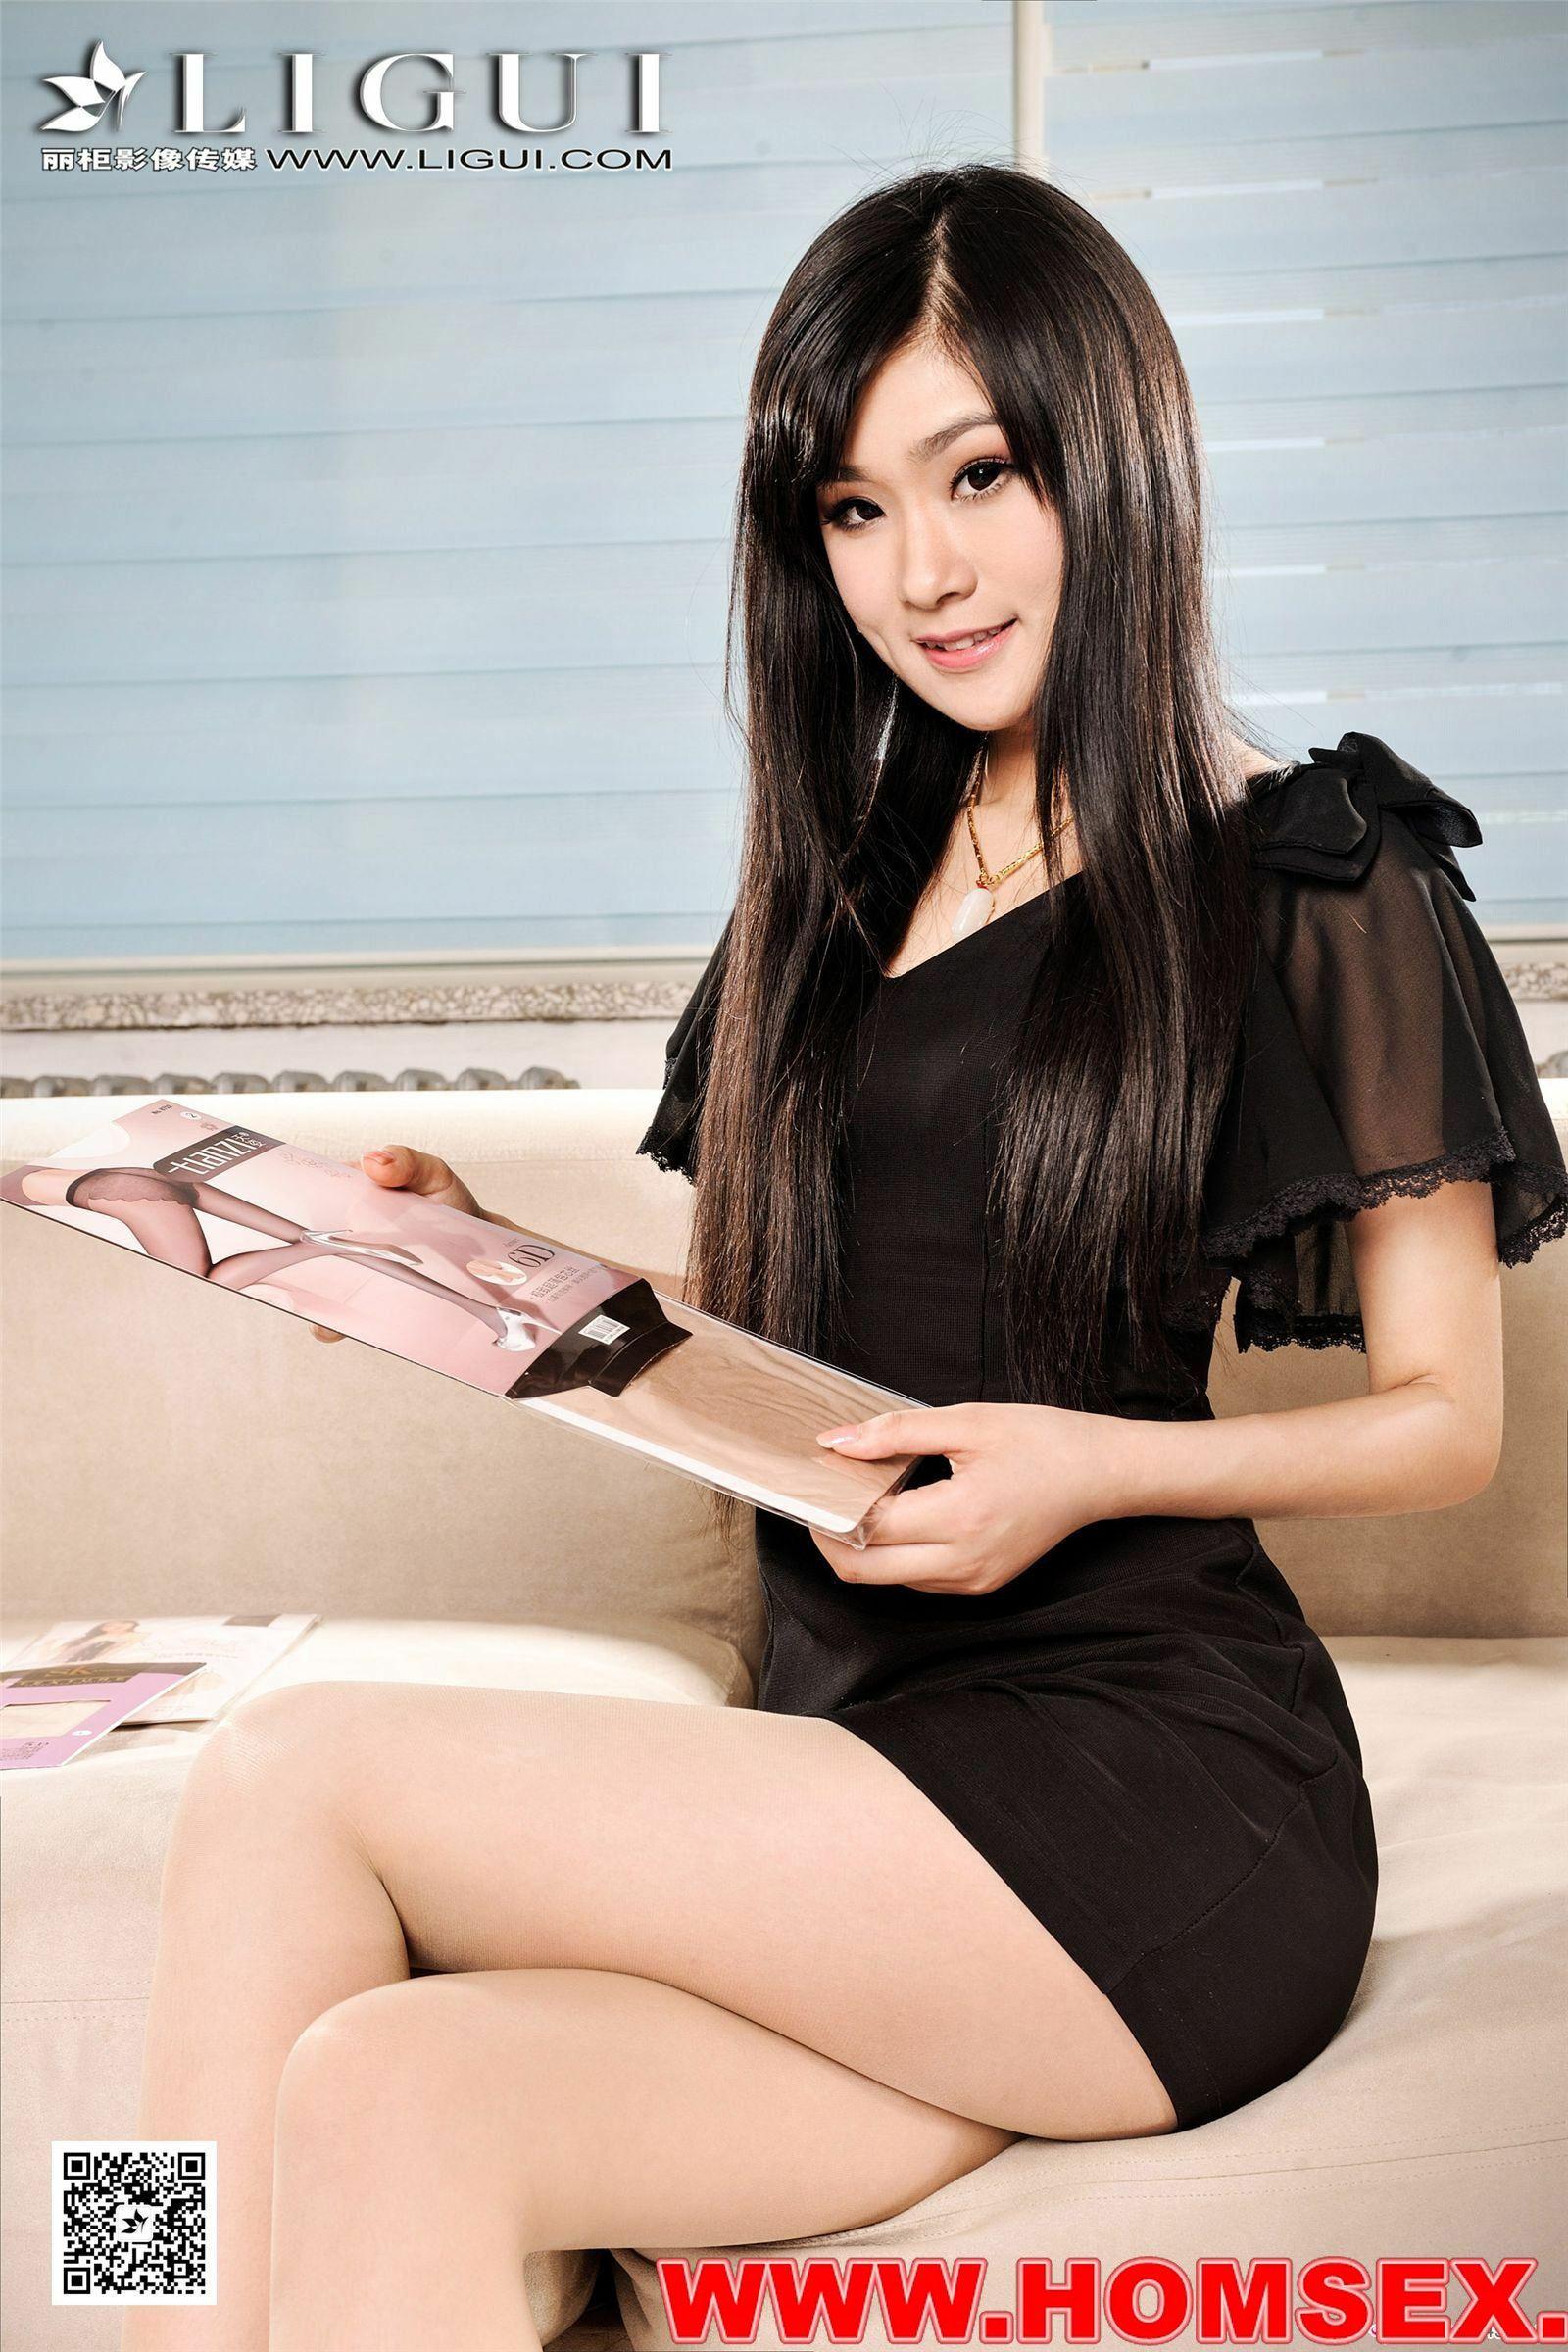 Escort girl in shanghai